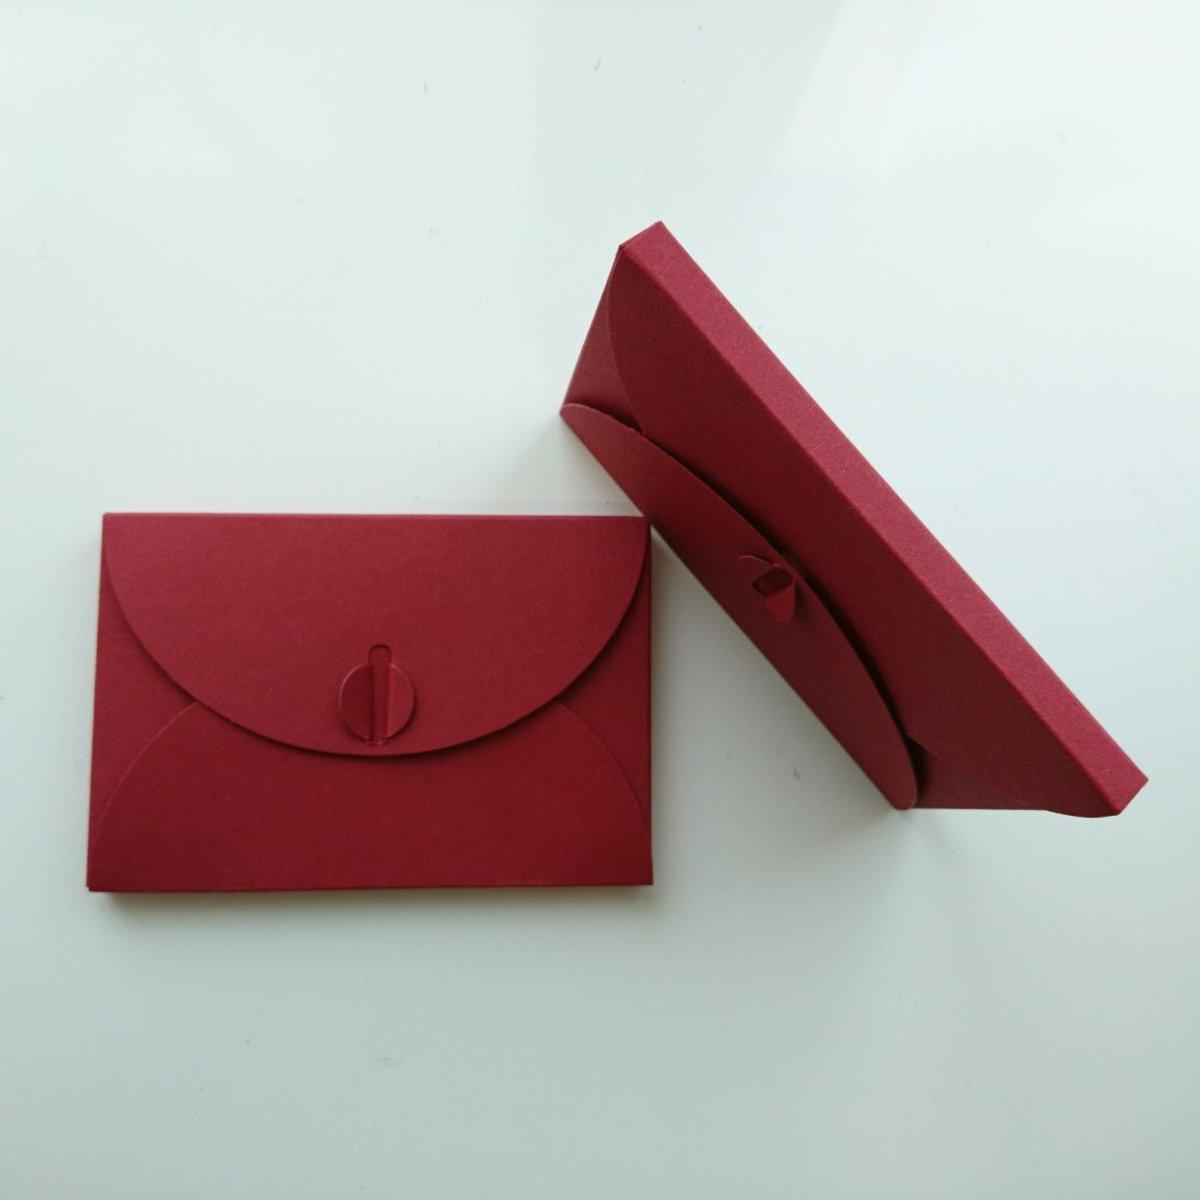 Подарочный конверт из эко крафт-картона 80х120х8 мм + ПОДАРОК (на 200 шт конвертов) Бордовый